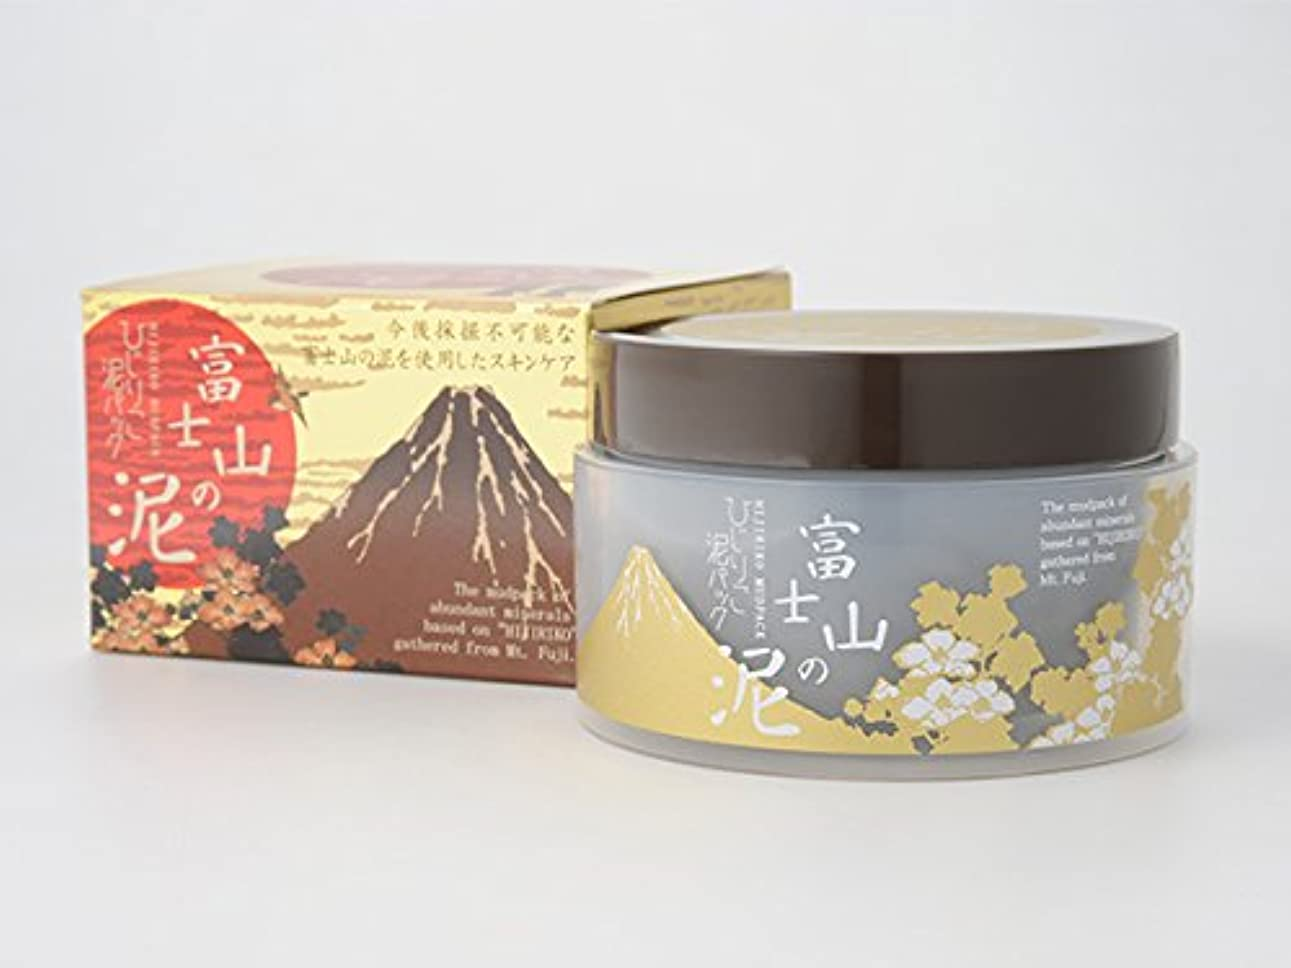 グレーアルカイックニコチンひじりこ化粧品 ひじりこ泥パックS 富士山の泥 120g